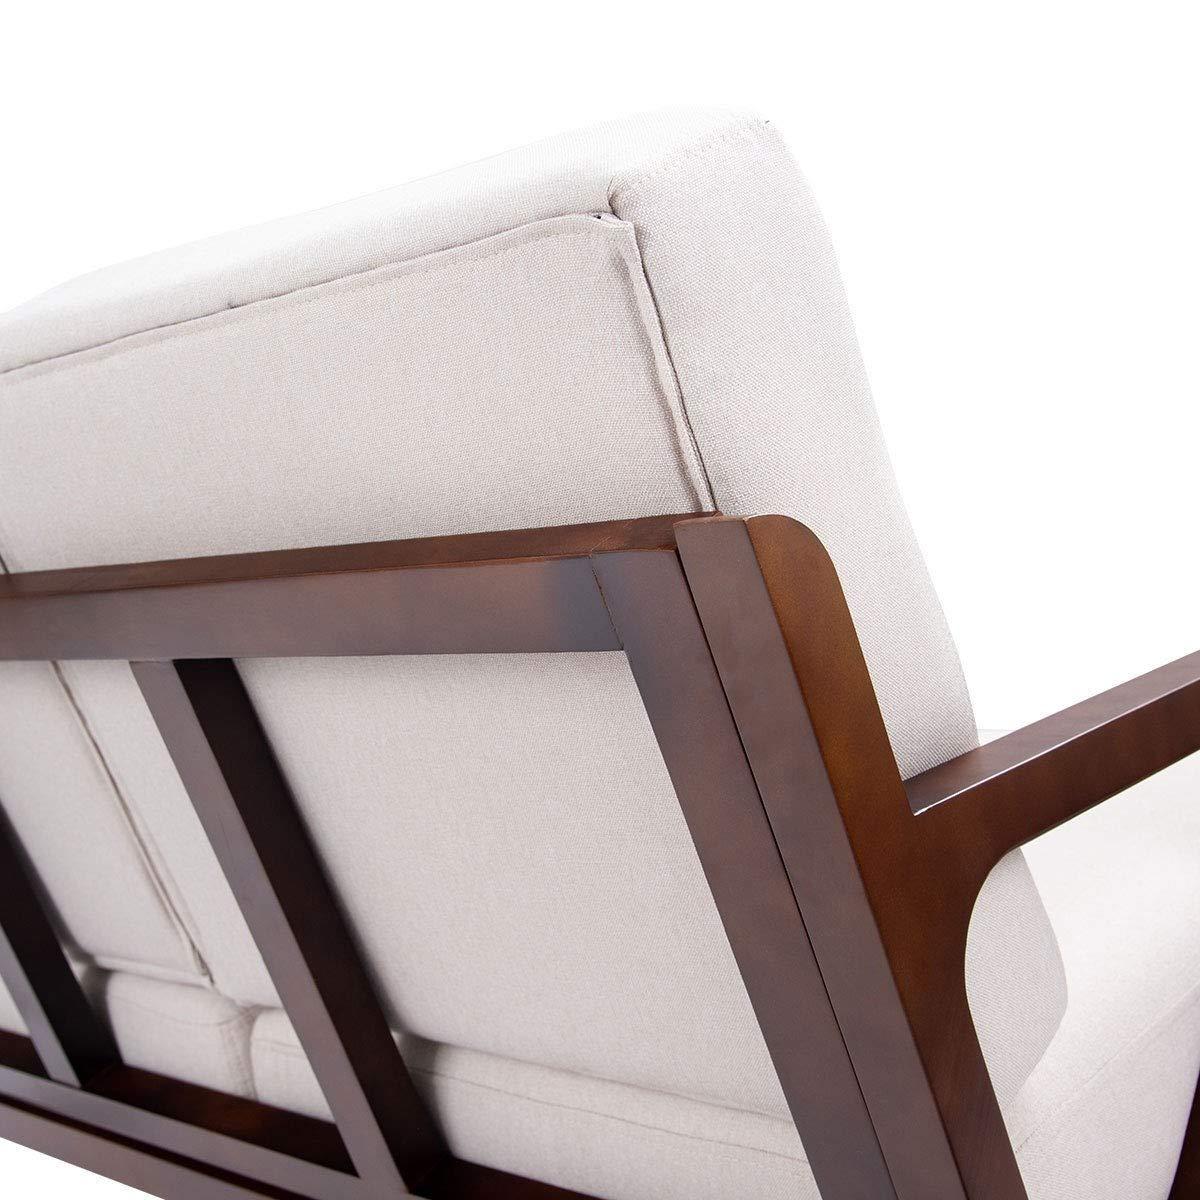 Amazon.com: Mejor sillón tapizado de madera con diseño de ...